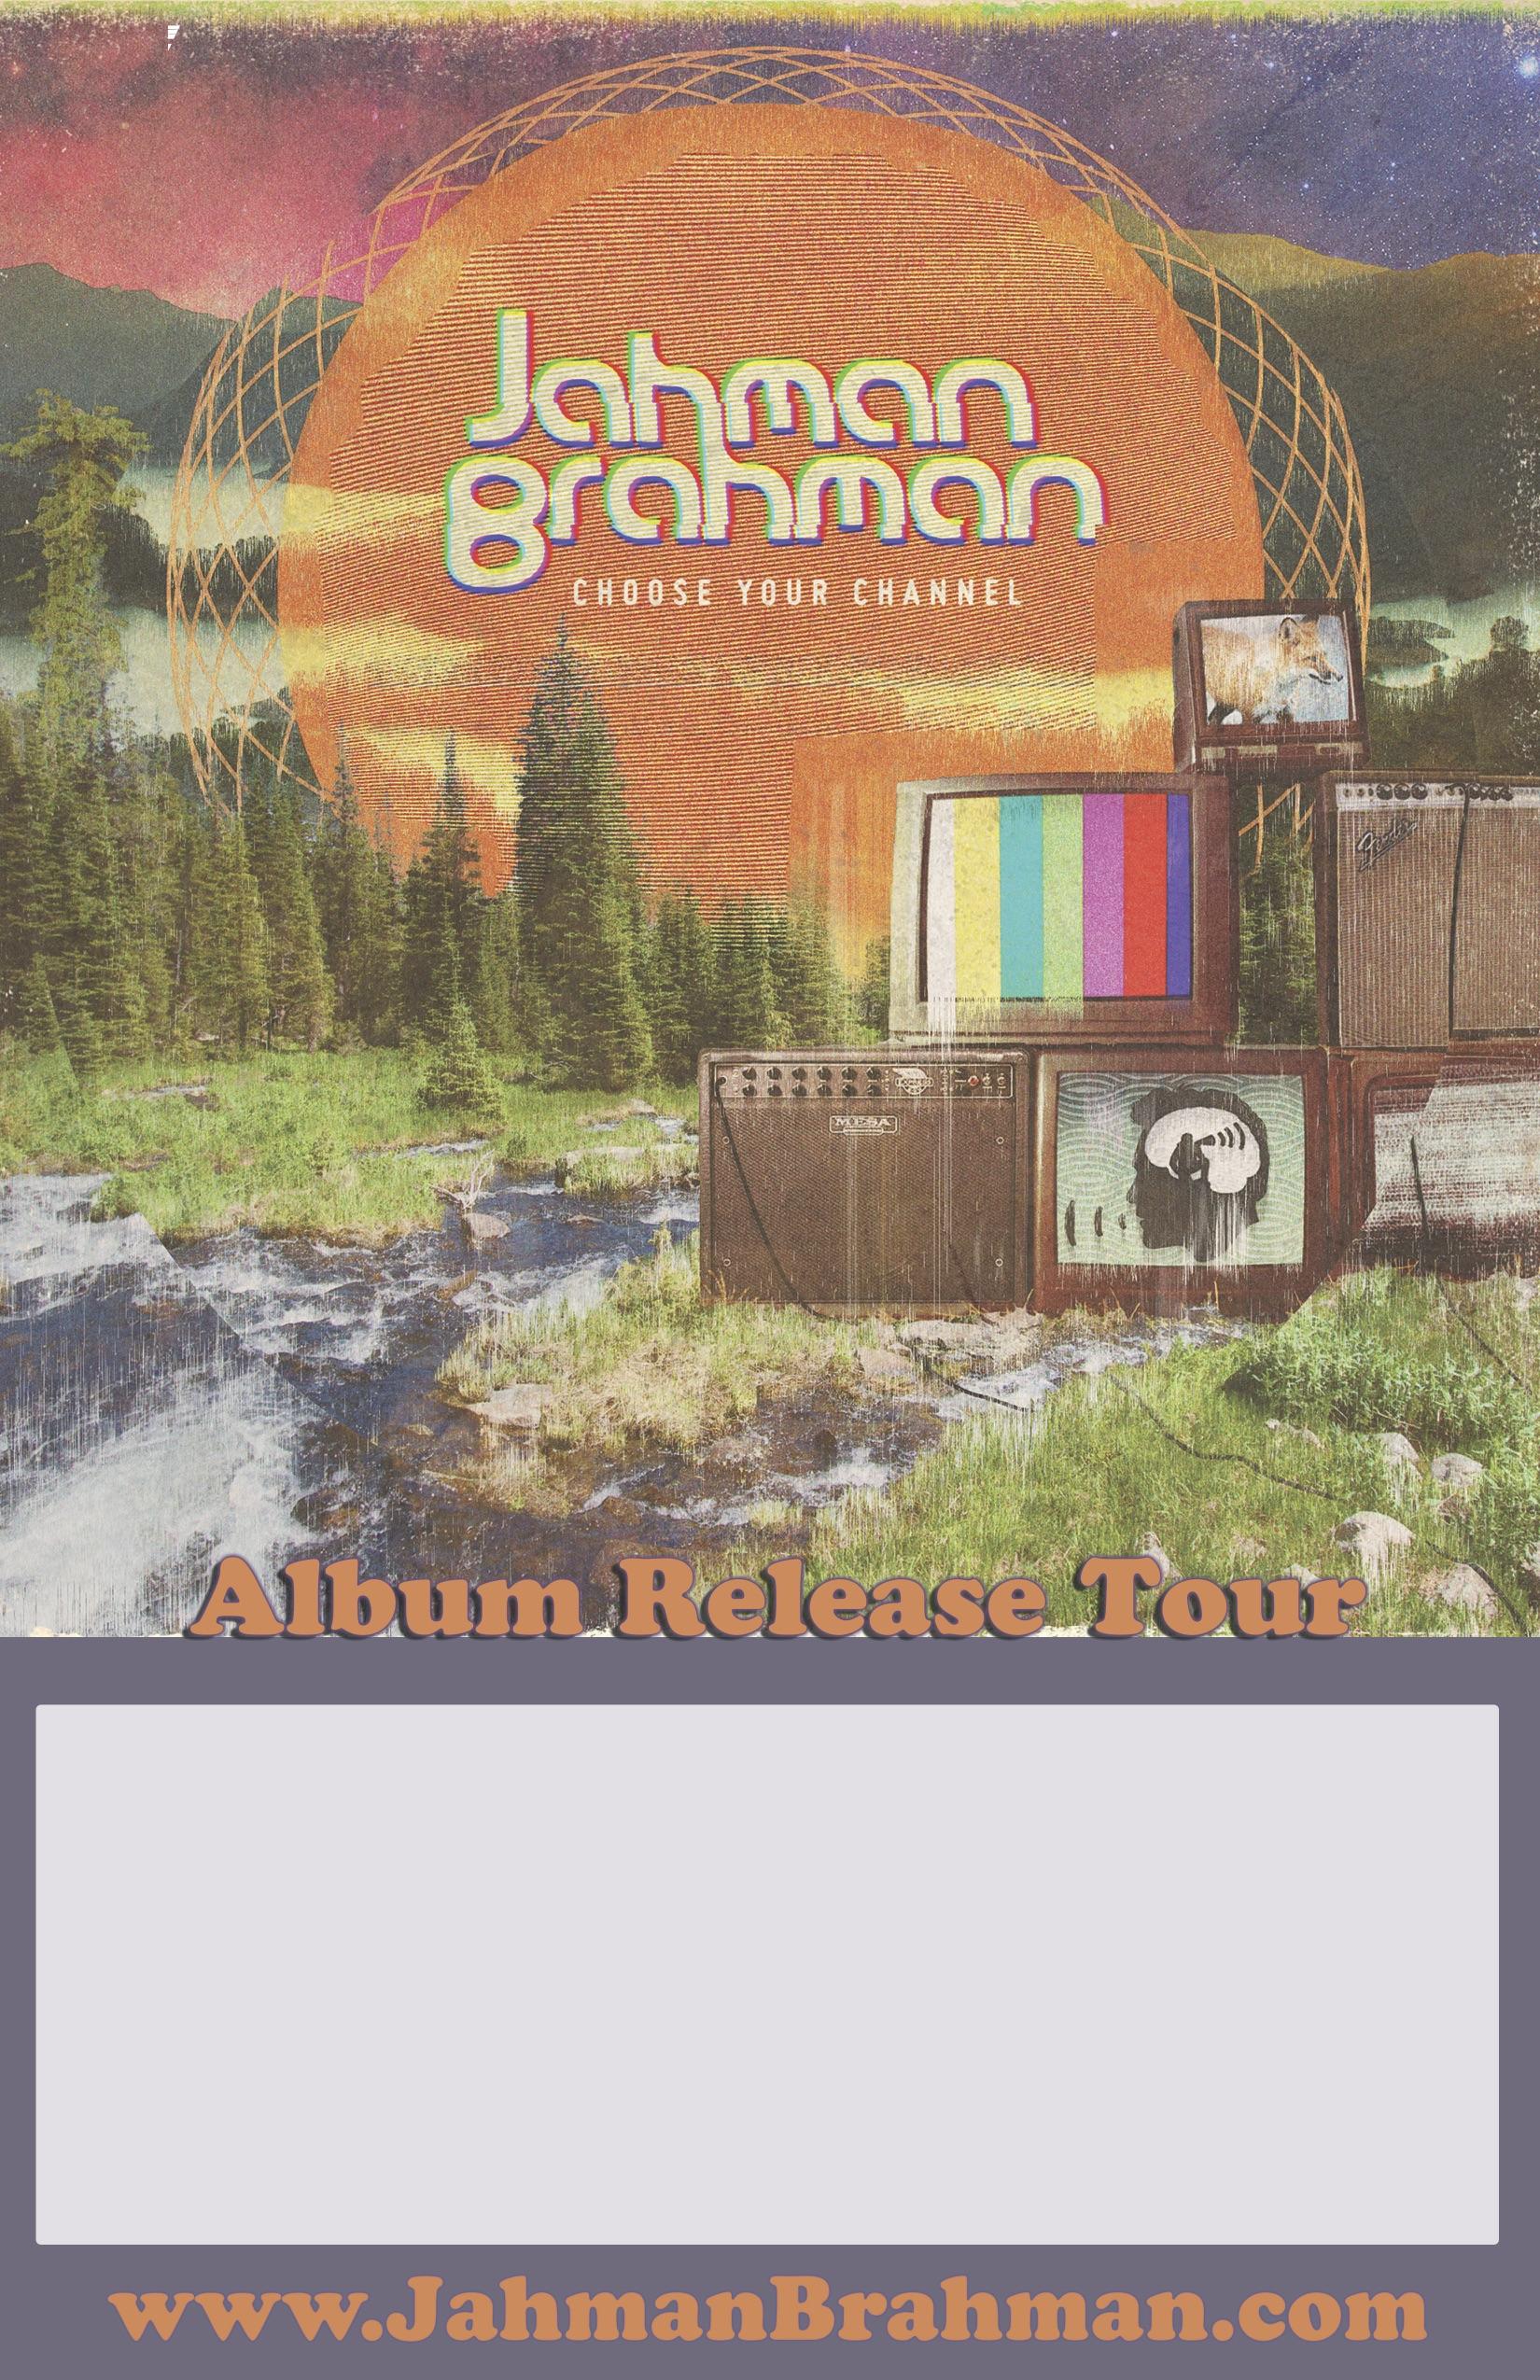 Jahman Brahman Poster